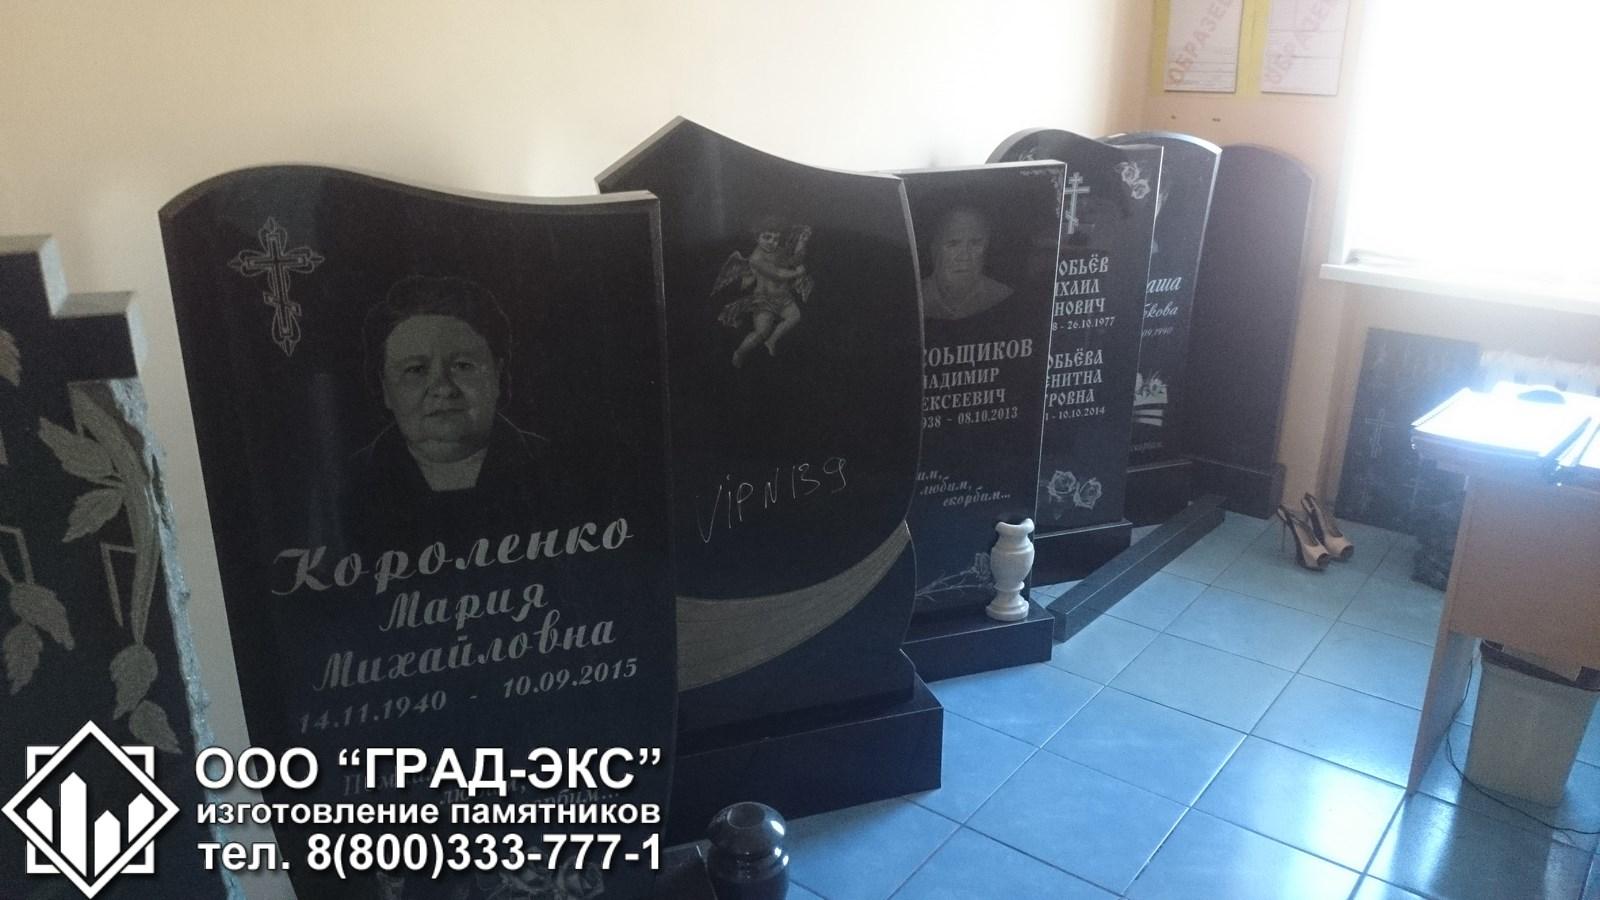 Памятники на могилу фото и цены москва 2015 г купить памятник новосибирск кирсанов